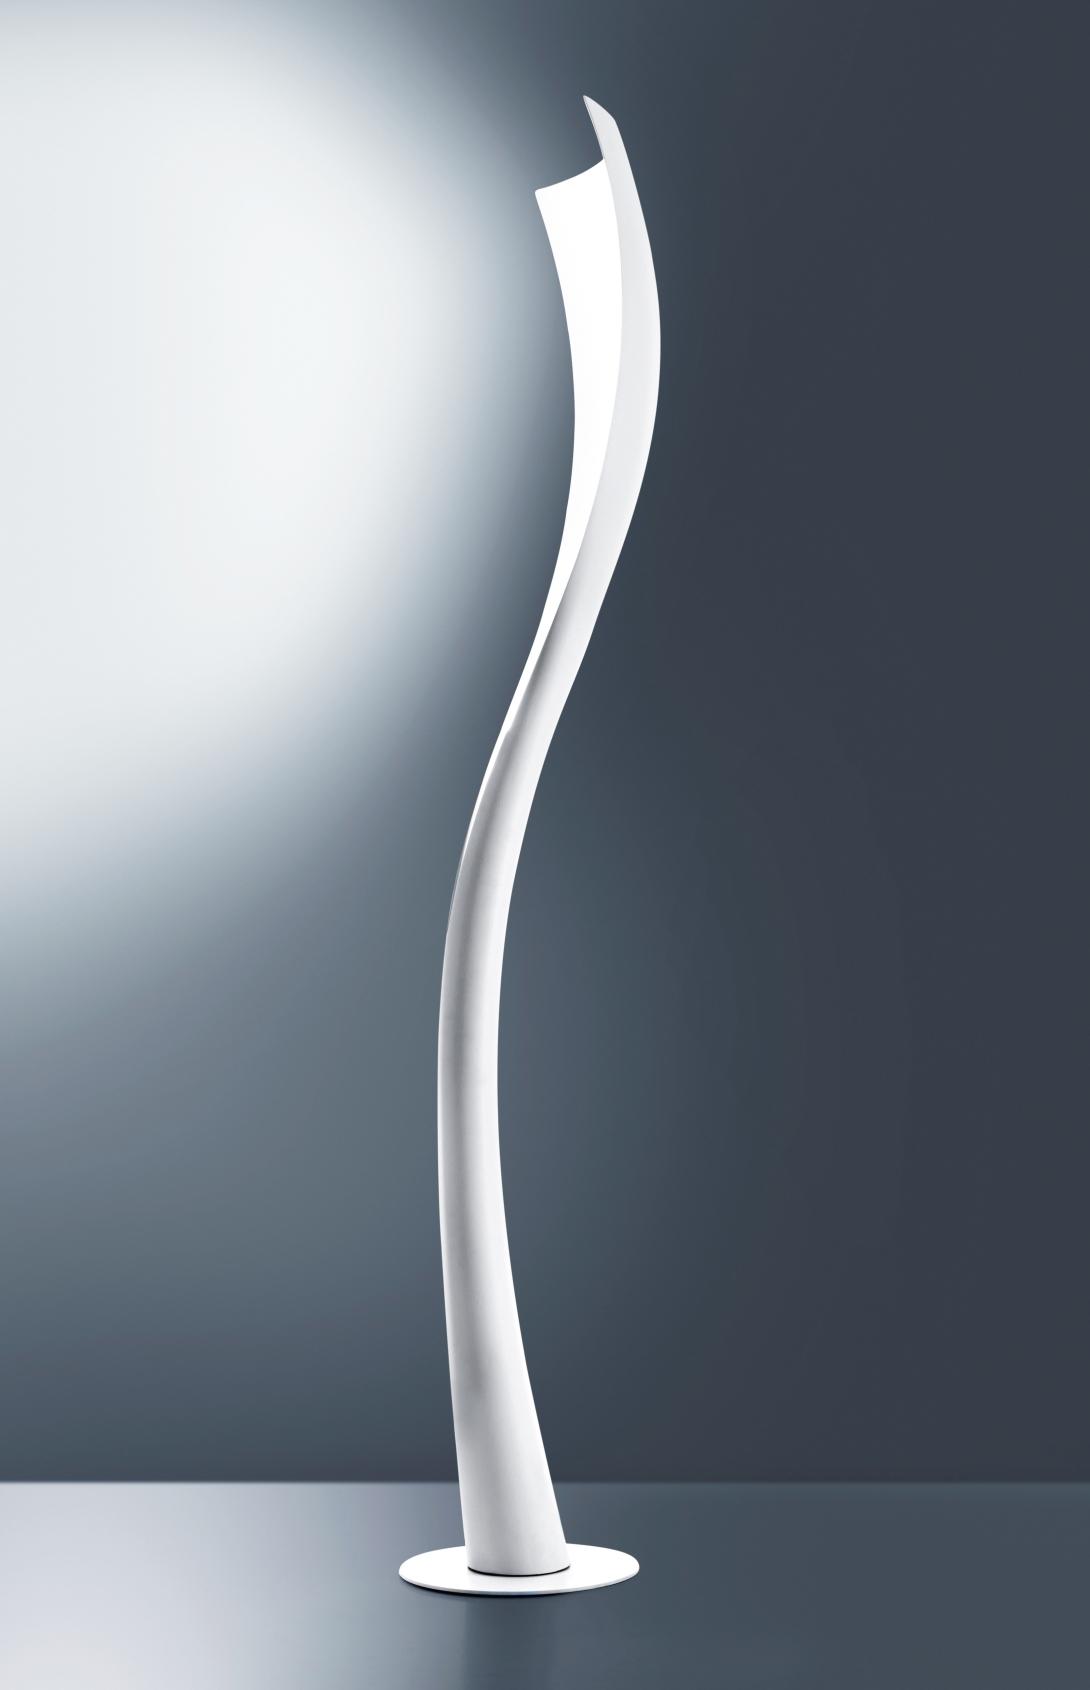 由美國設計師凱瑞姆・瑞席( Karim Rashid)設計的「Solium」落地燈